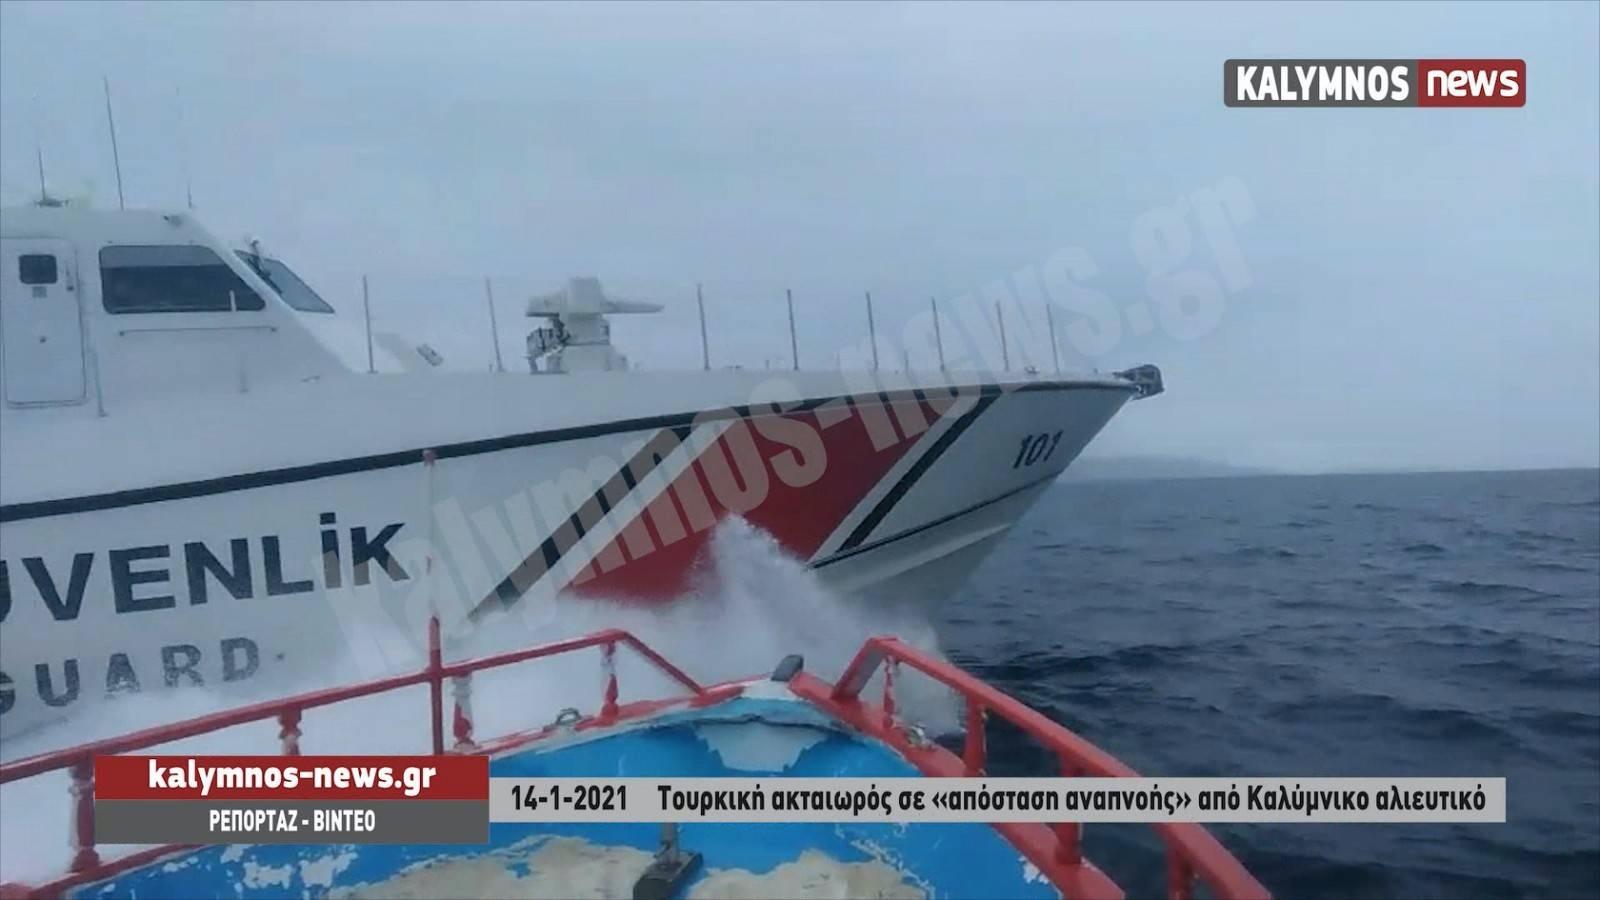 Νέα πρόκληση στα Ίμια – Τουρκική ακταιωρός παρενόχλησε ελληνικά αλιευτικά! [vid]